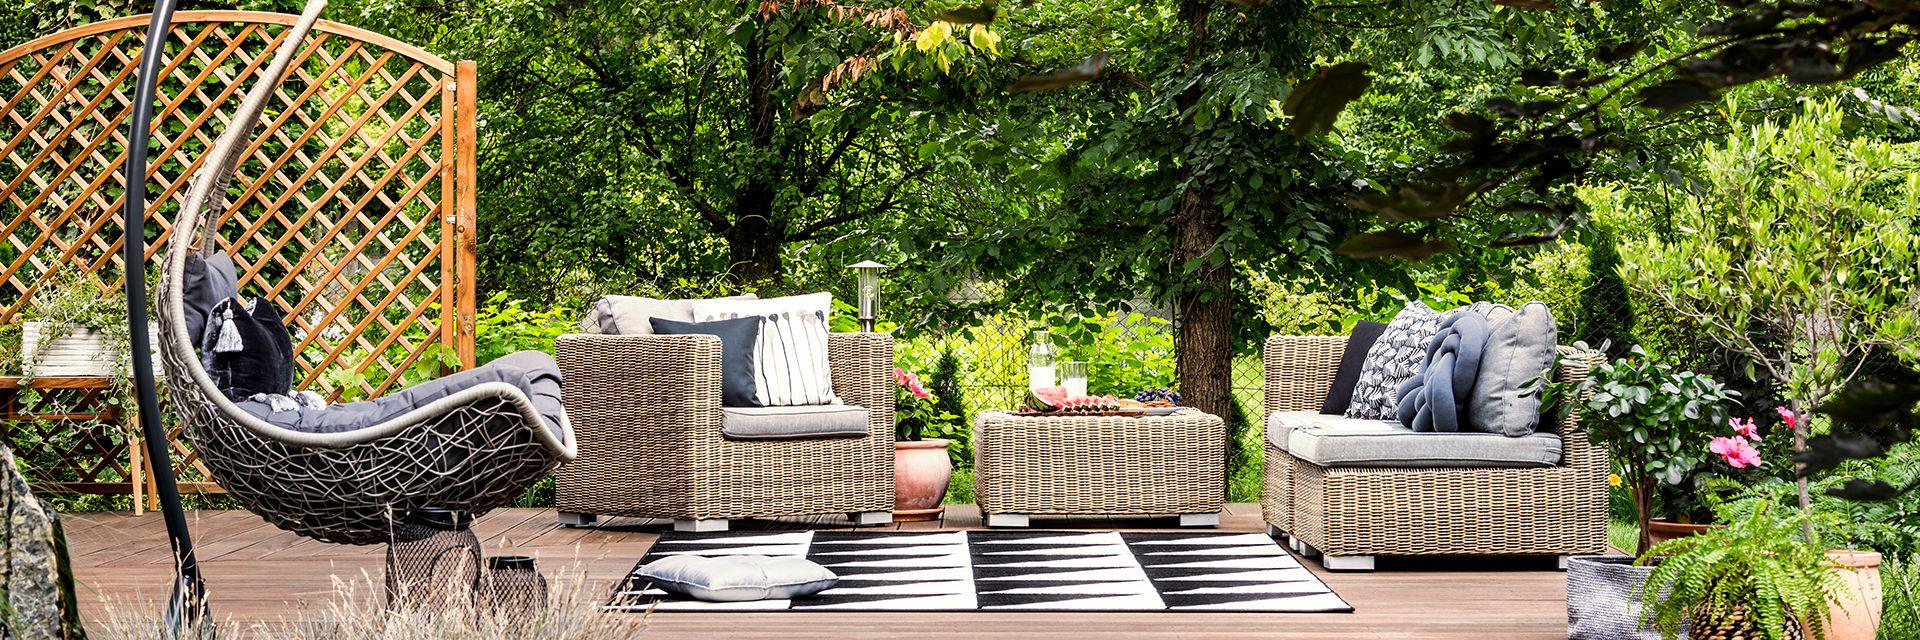 Hängematte, Lounge Sitzgruppe Oder Gartenstuhl?